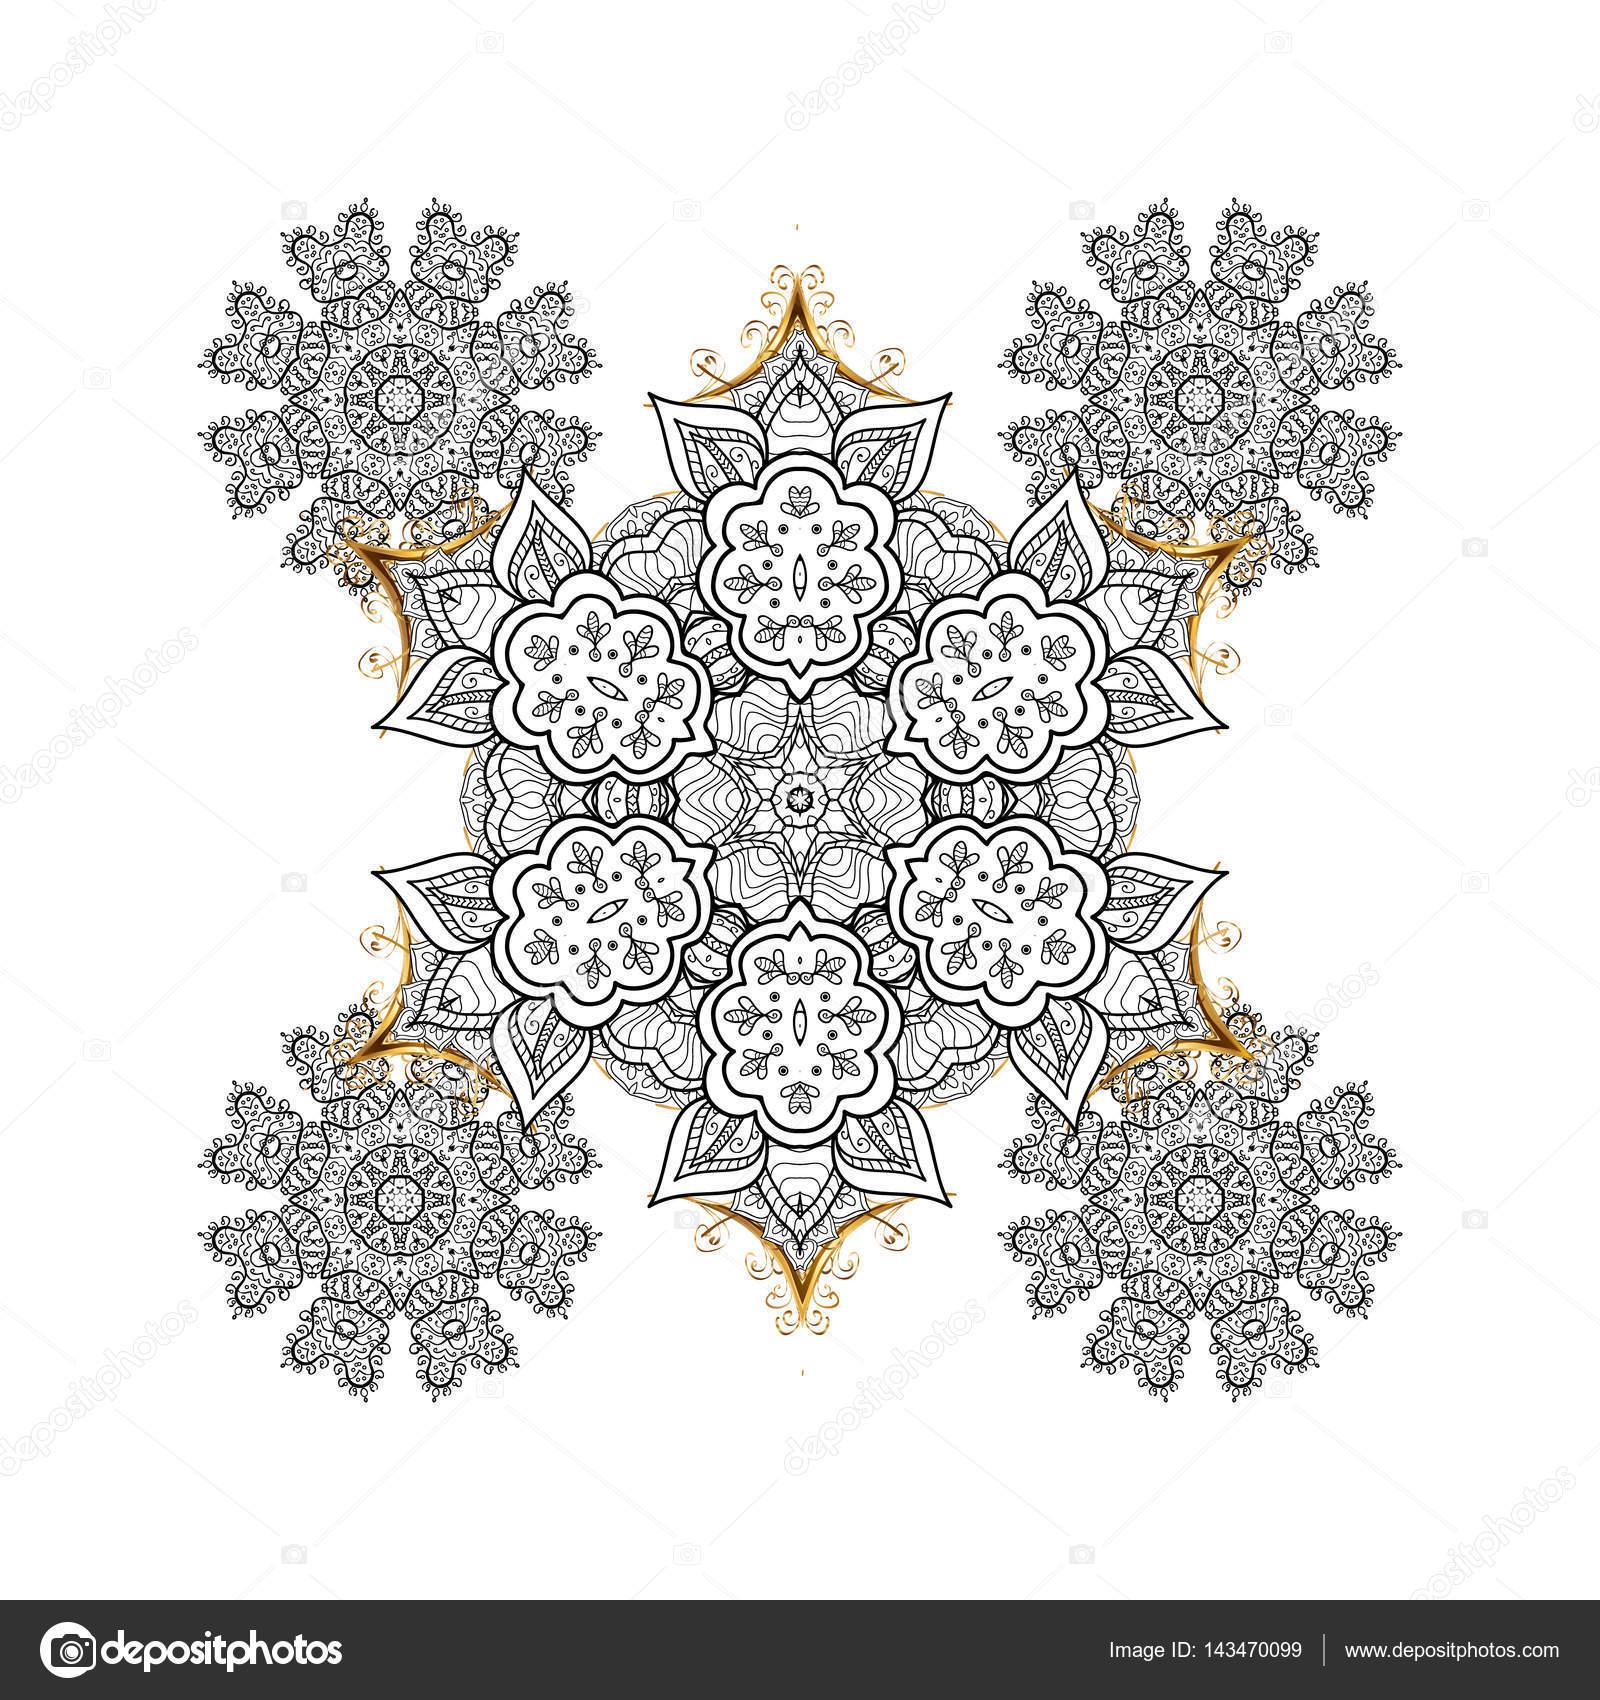 白色与金色元素颜色矢量冬天插画— vector by valera197615